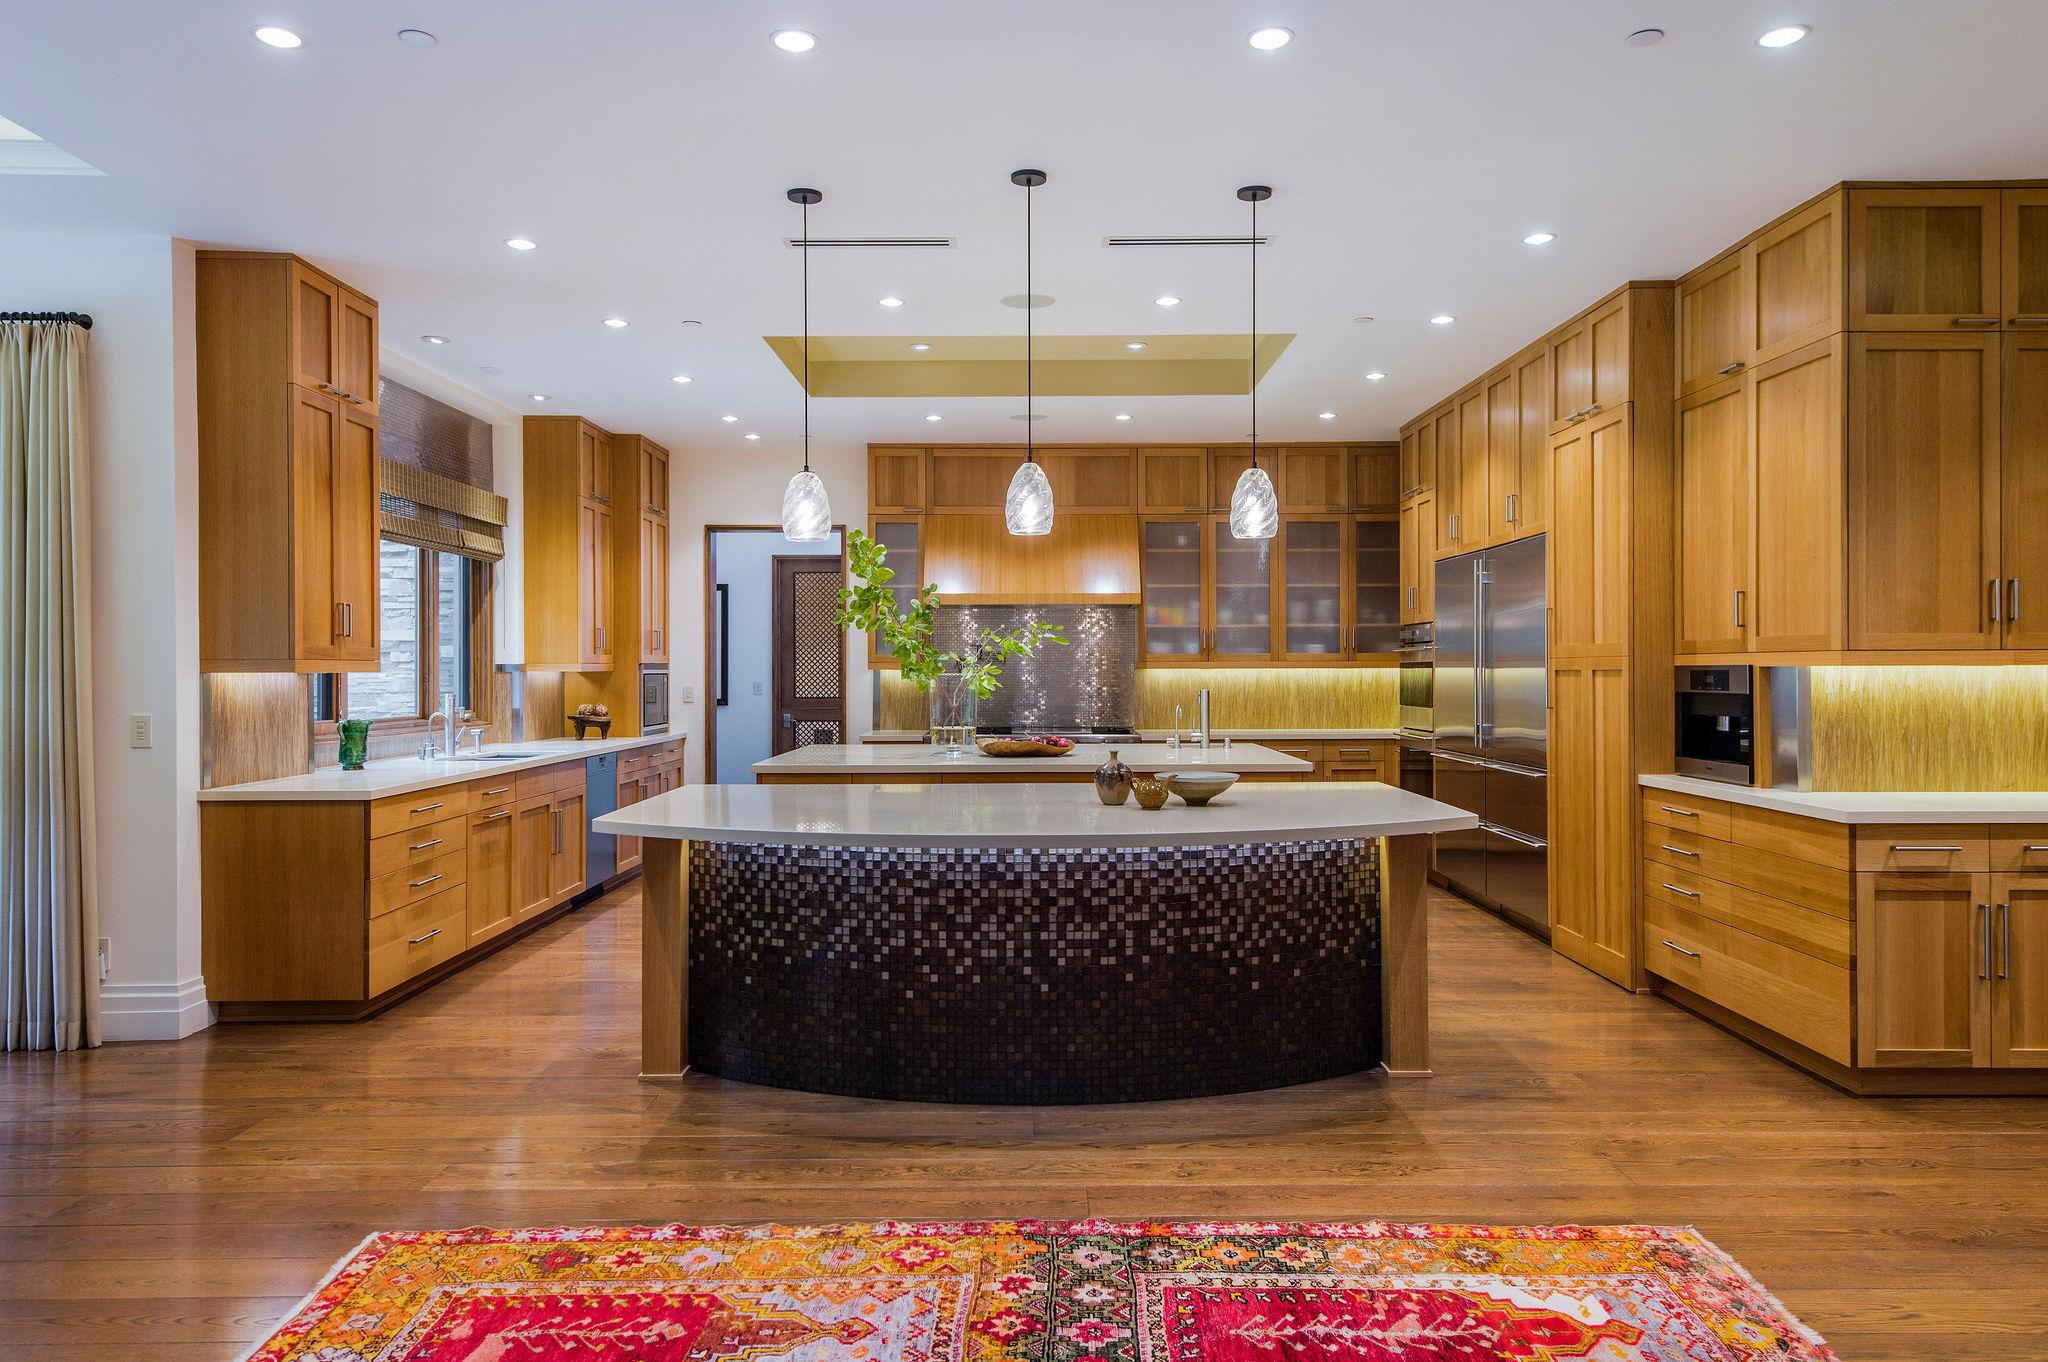 kitchen inside the Artisan Hidden Hills